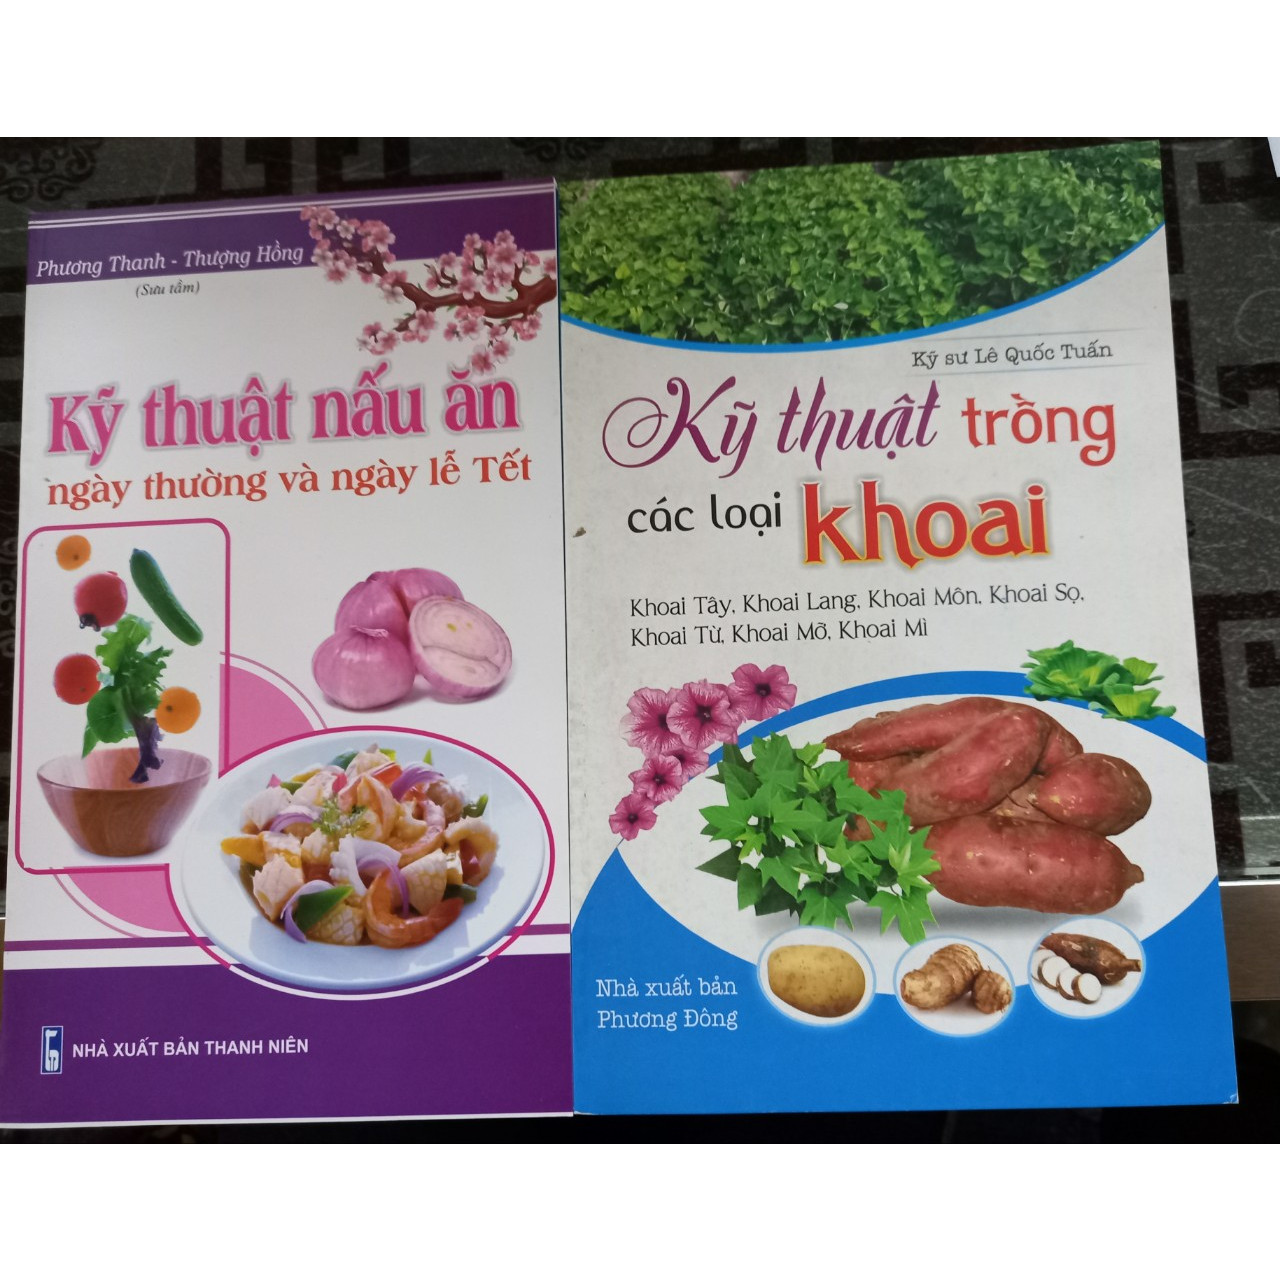 Combo 2 cuốn Kỹ thuật trồng các loại khoai, kỹ thuật nấu ăn ngày thường và ngày lễ tết